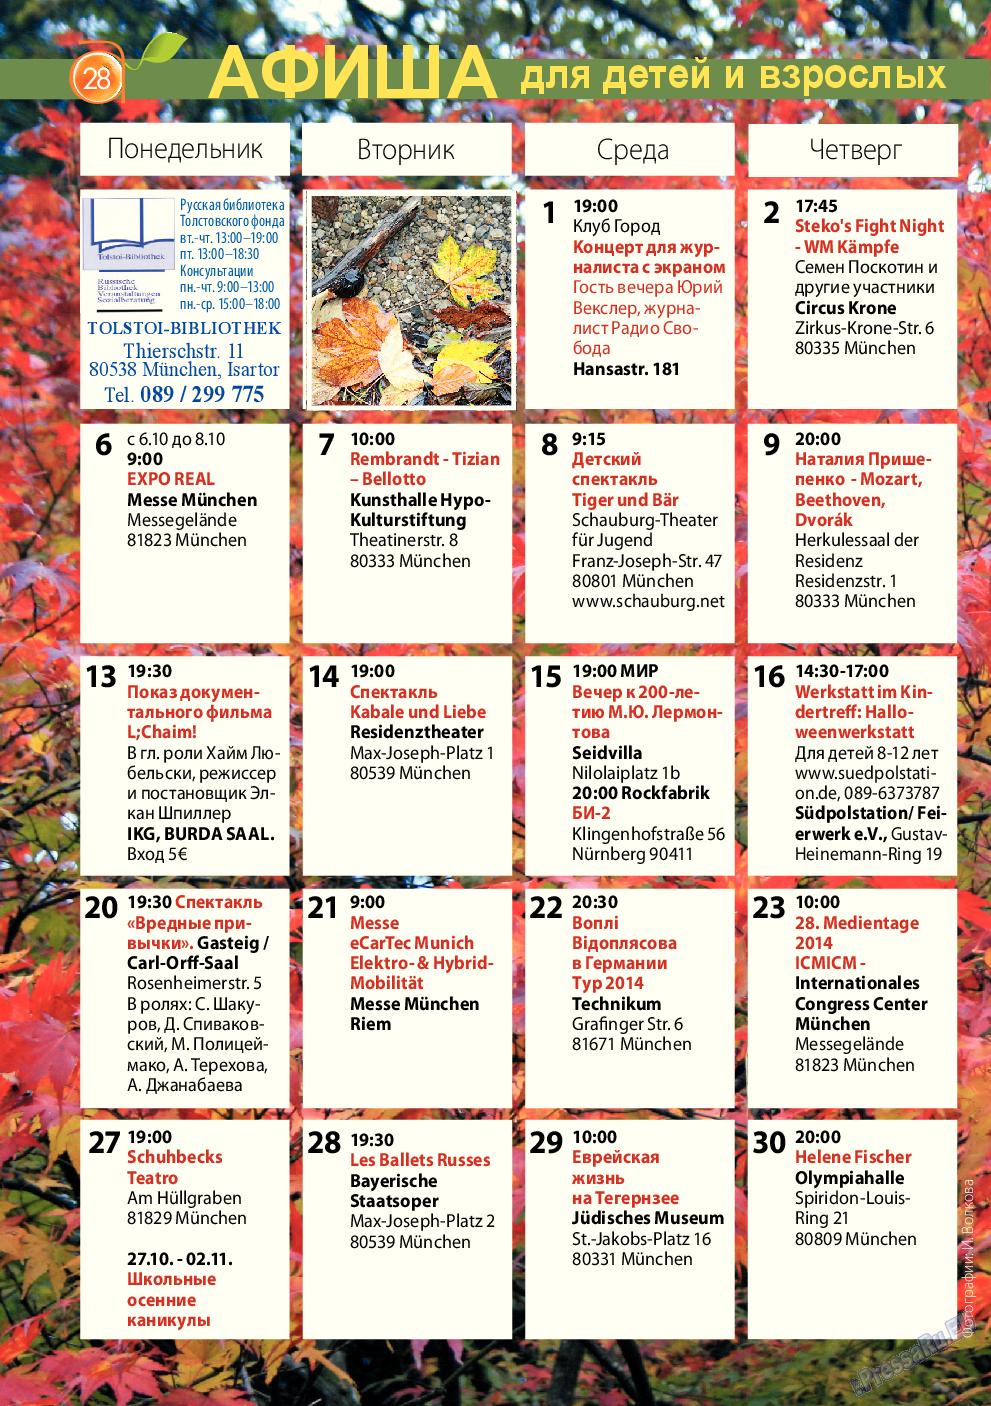 Апельсин (журнал). 2014 год, номер 63, стр. 28